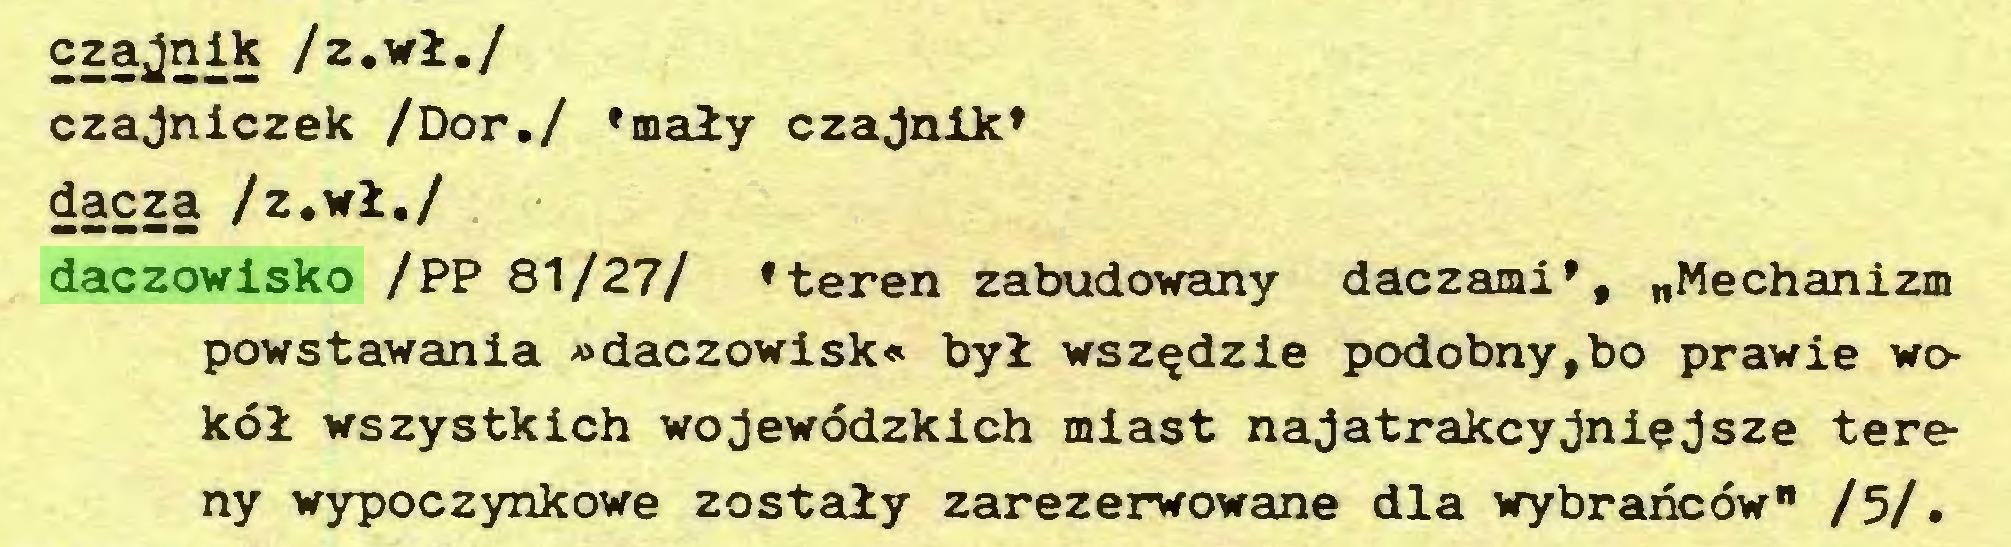 """(...) czajnik /z.wł./ czajniczek /Dor./ 'mały czajnik' dacza /z.wł./ daczowisko /PP 81/27/ 'teren zabudowany daczami', """"Mechanizm powstawania »daczowisk« był wszędzie podobny,bo prawie wokół wszystkich wojewódzkich miast najatrakcyjniejsze tereny wypoczynkowe zostały zarezerwowane dla wybrańców"""" /5/..."""